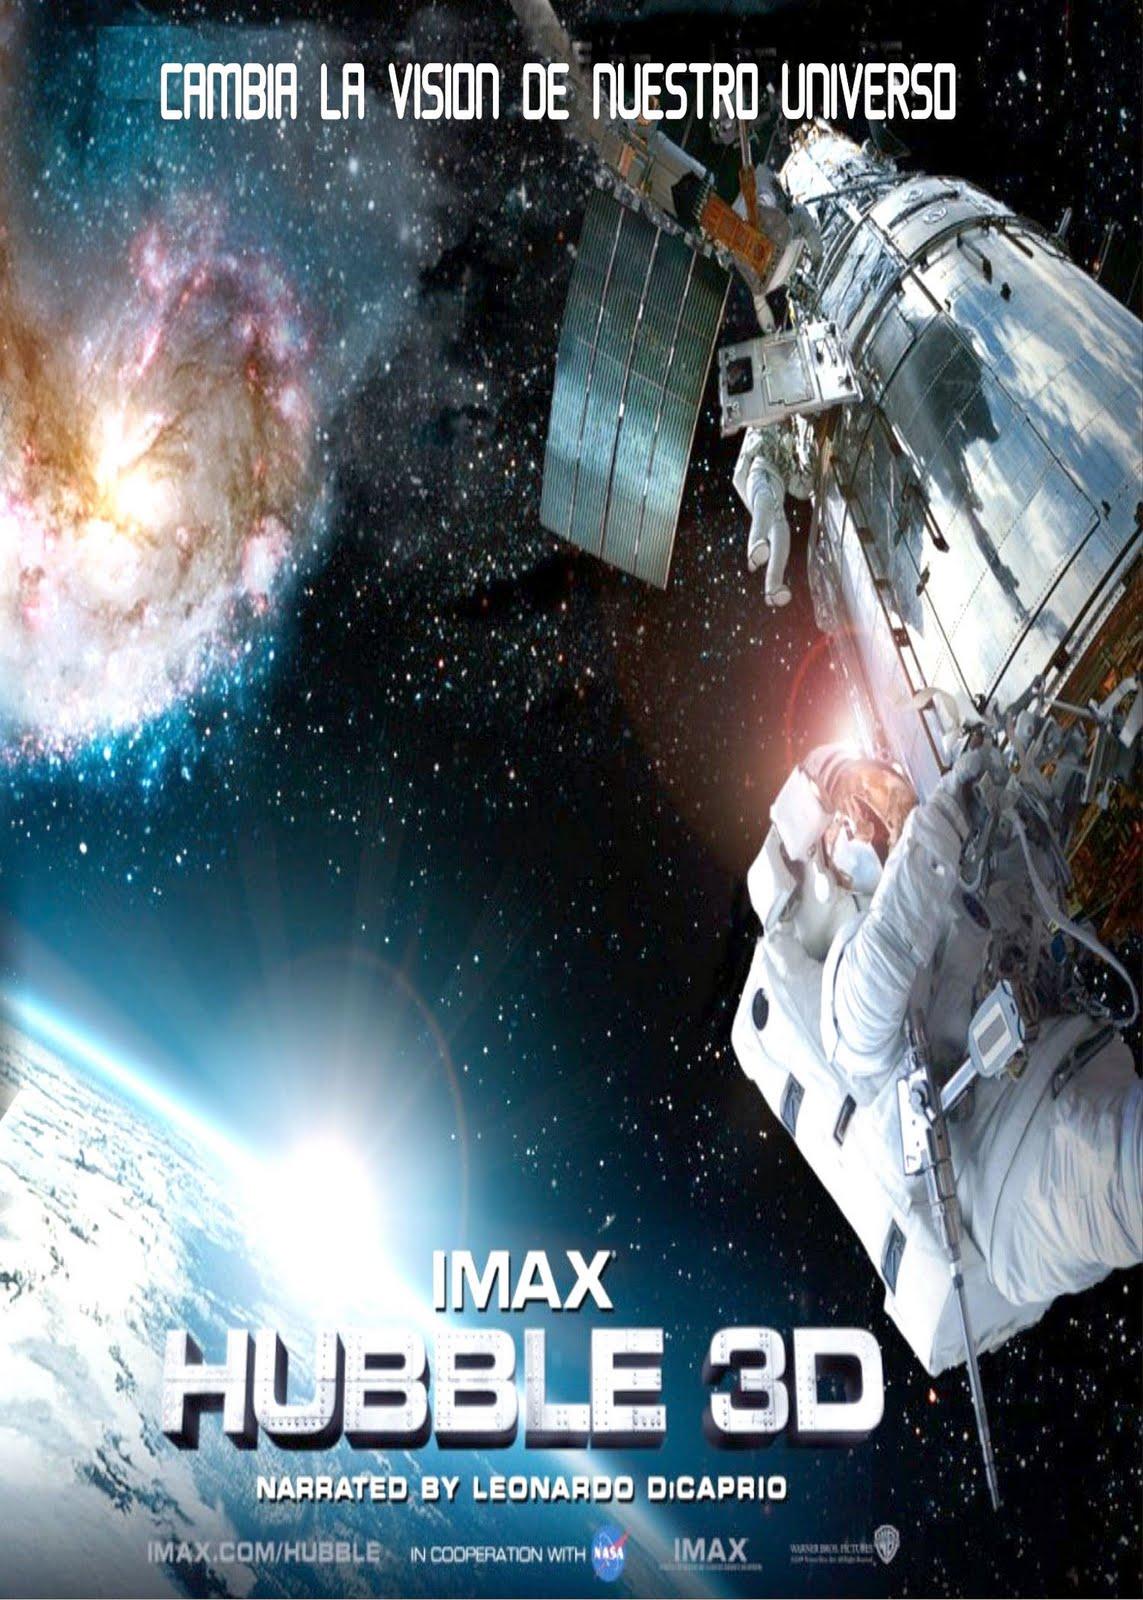 imax hubble 3d review - photo #13